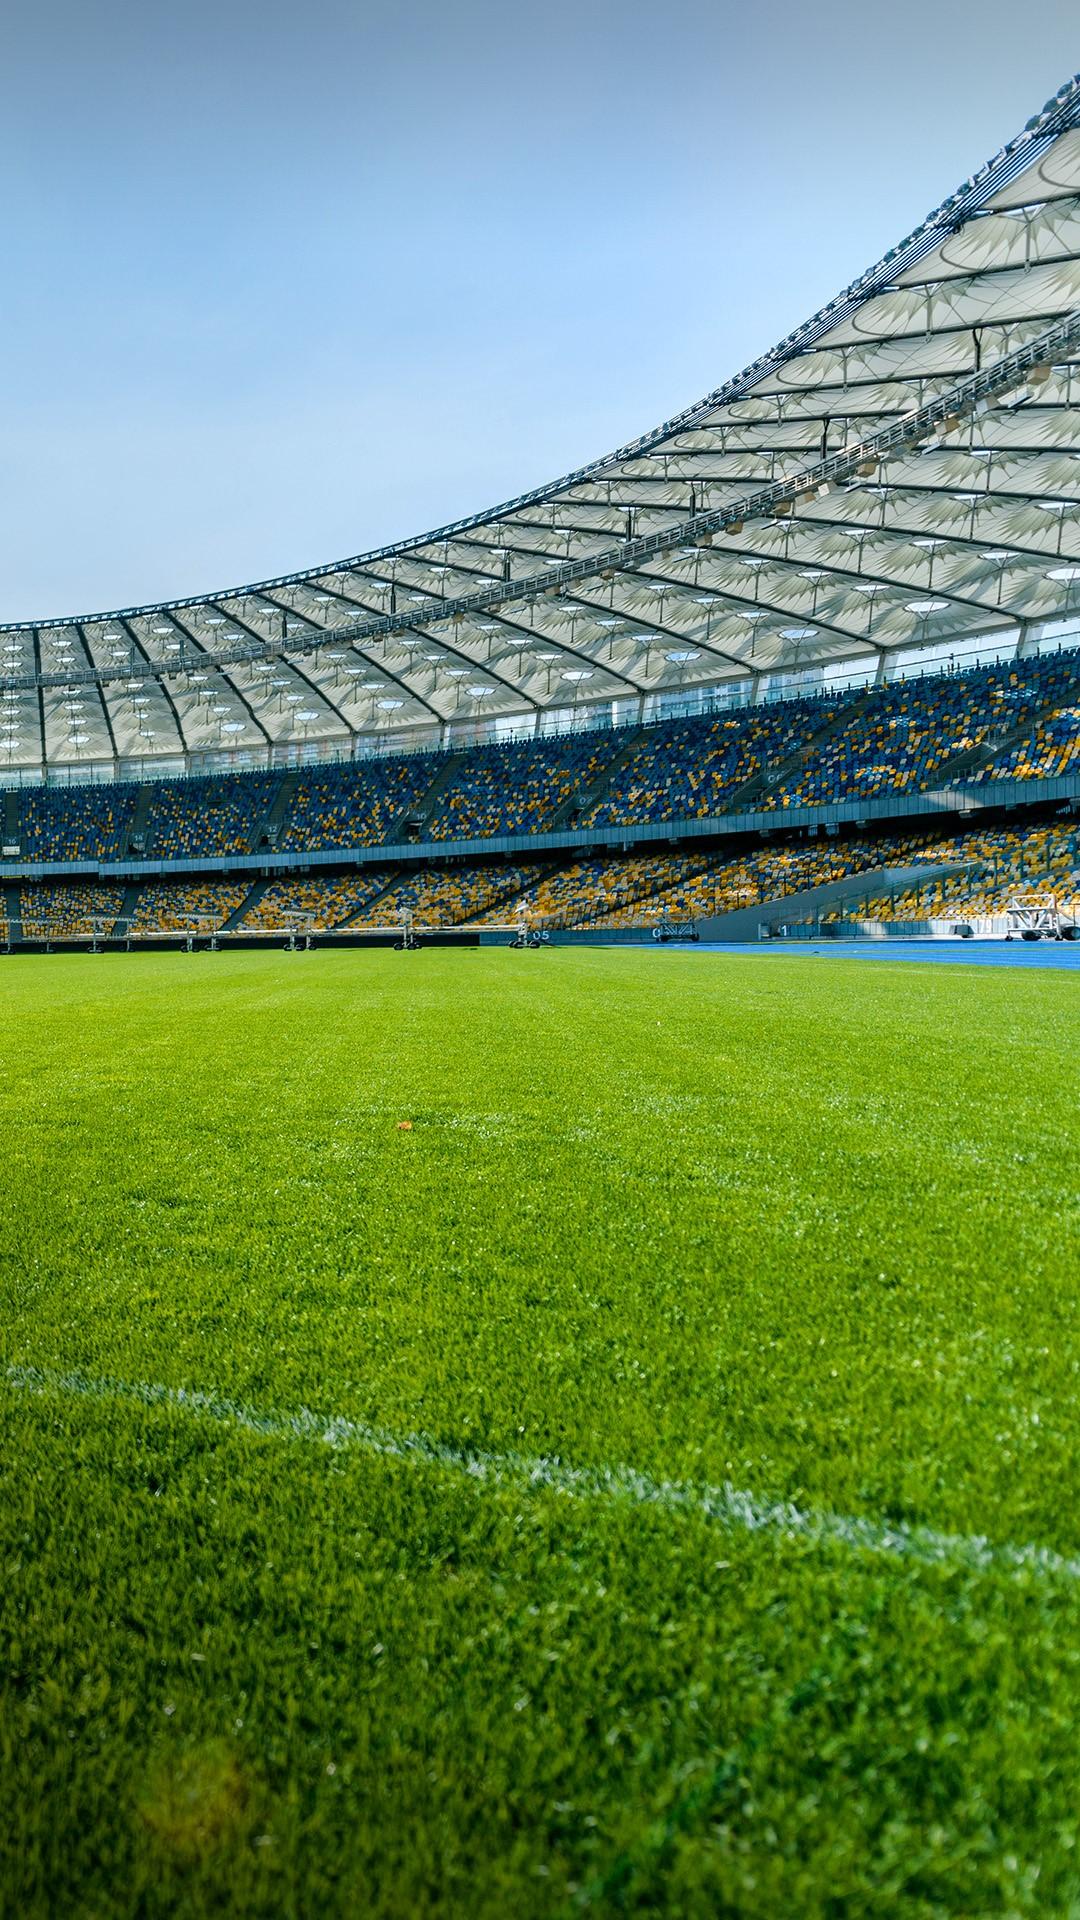 Panoramic view of soccer field stadium and stadium seats ...